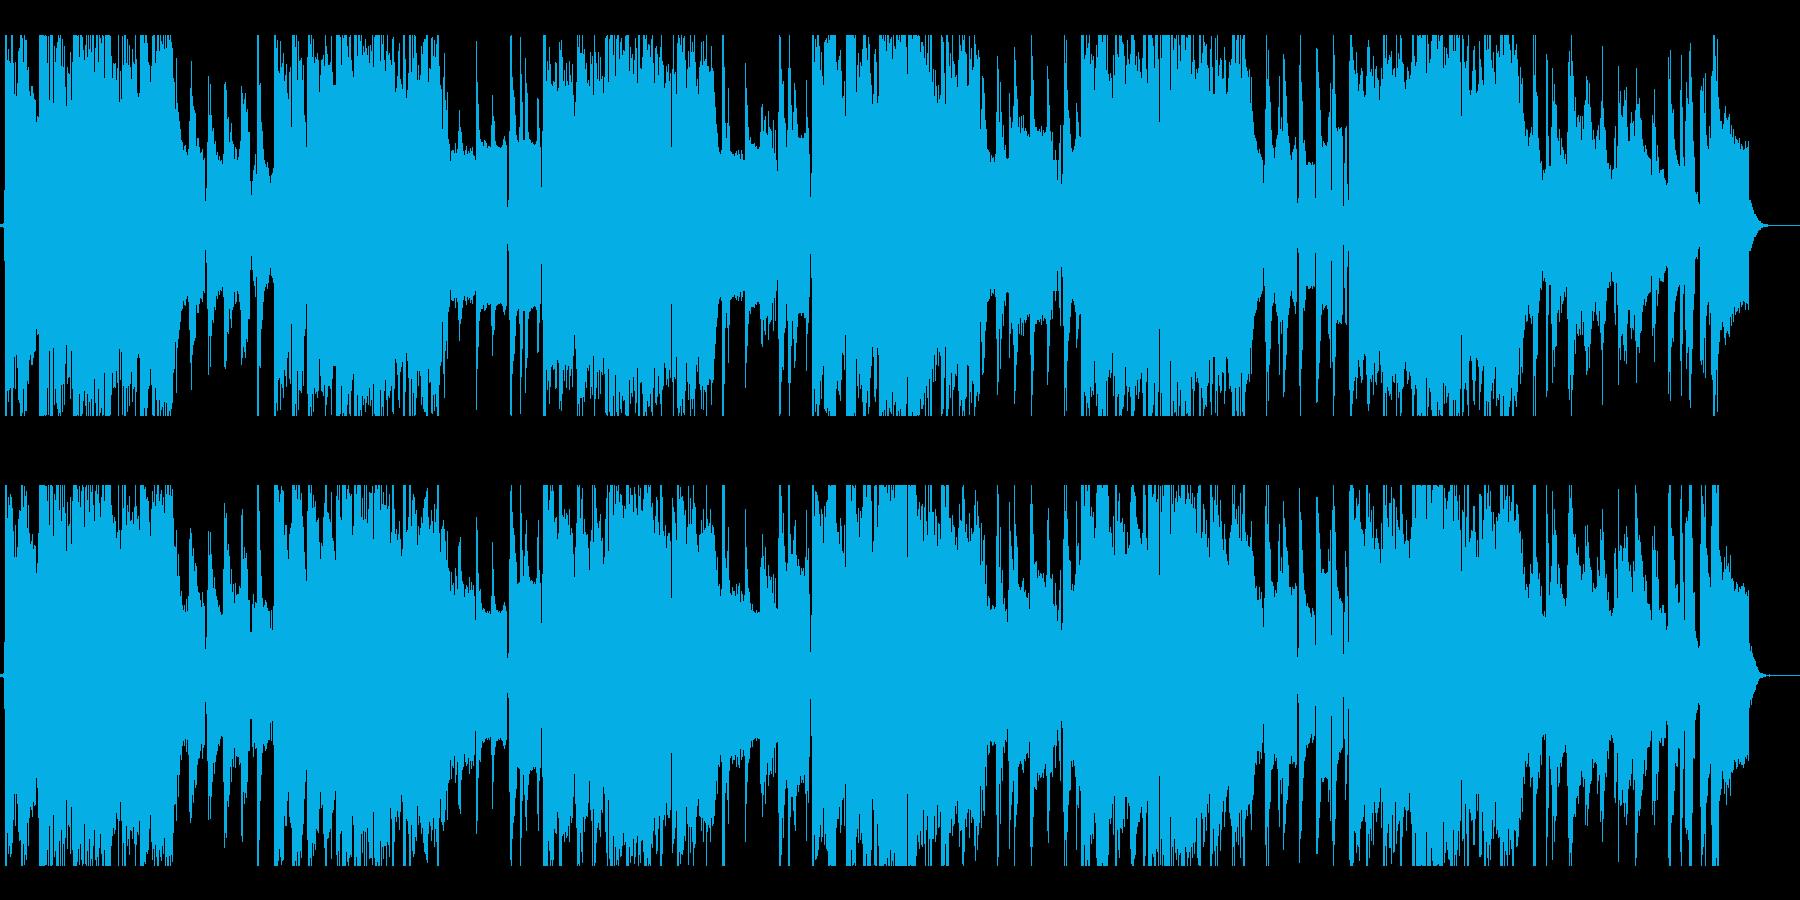 いたずらっぽい子猫のジャズブルースの再生済みの波形